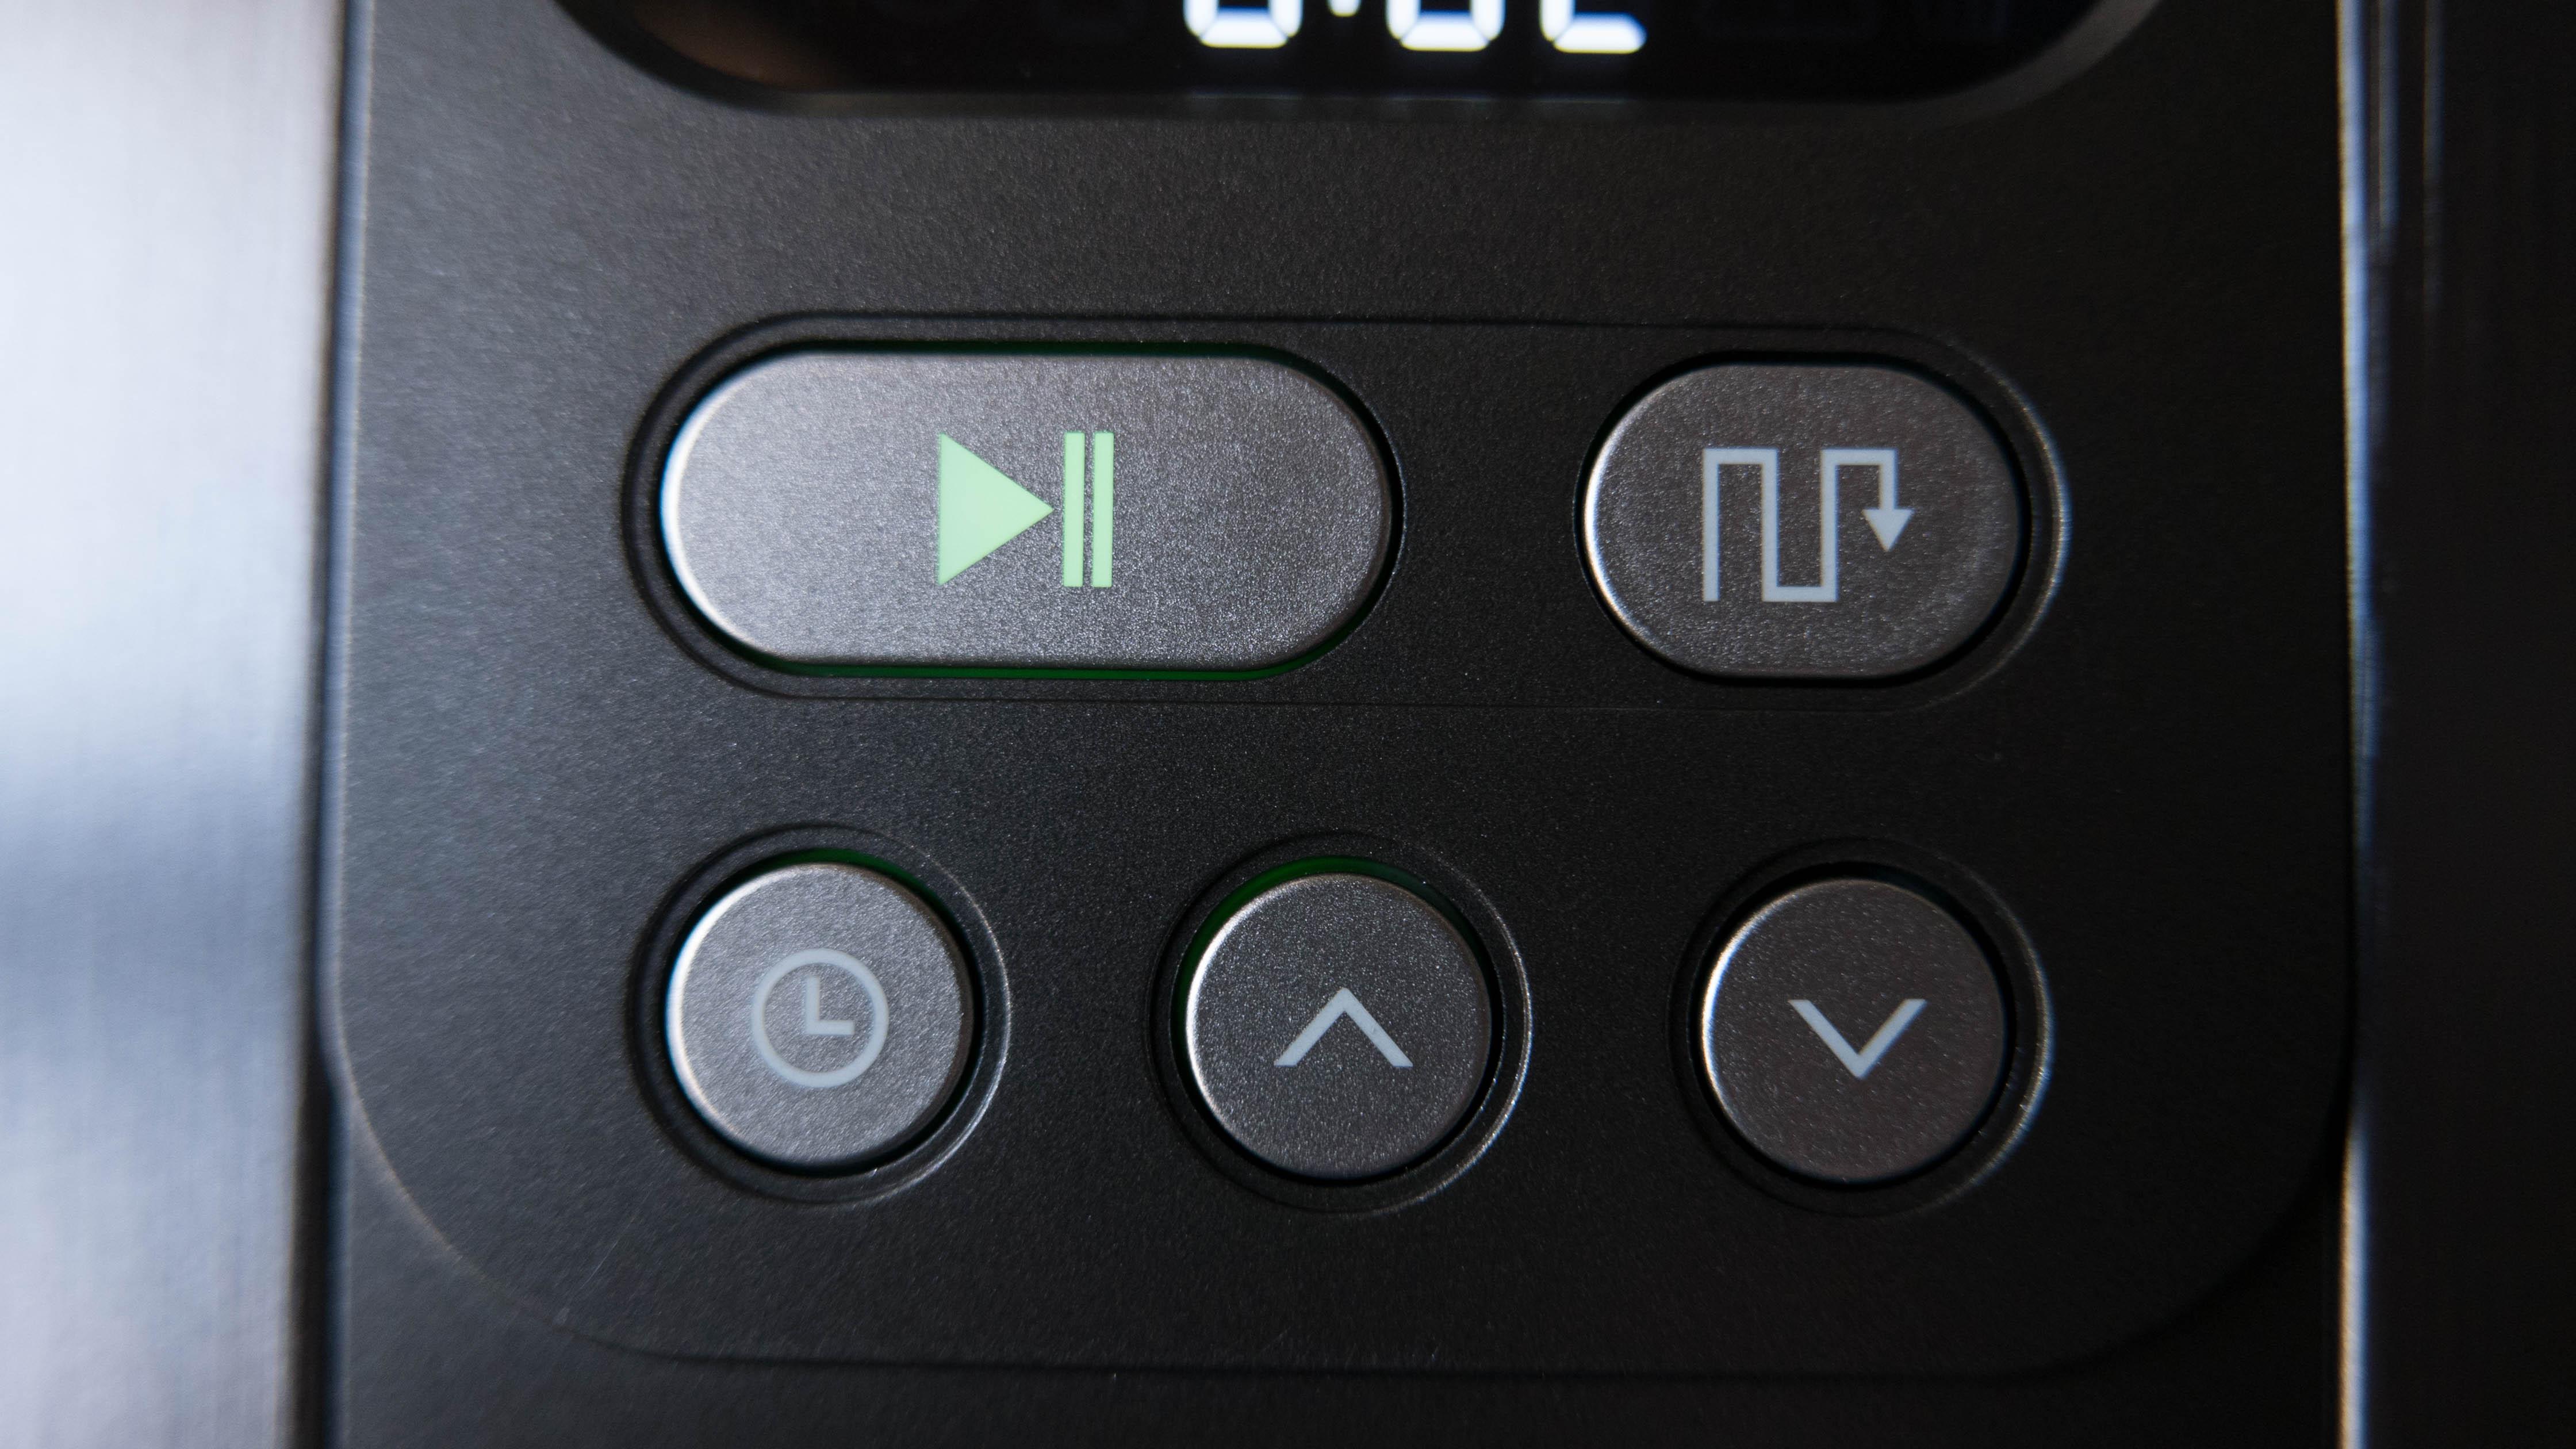 ILIFE V80 Details 12